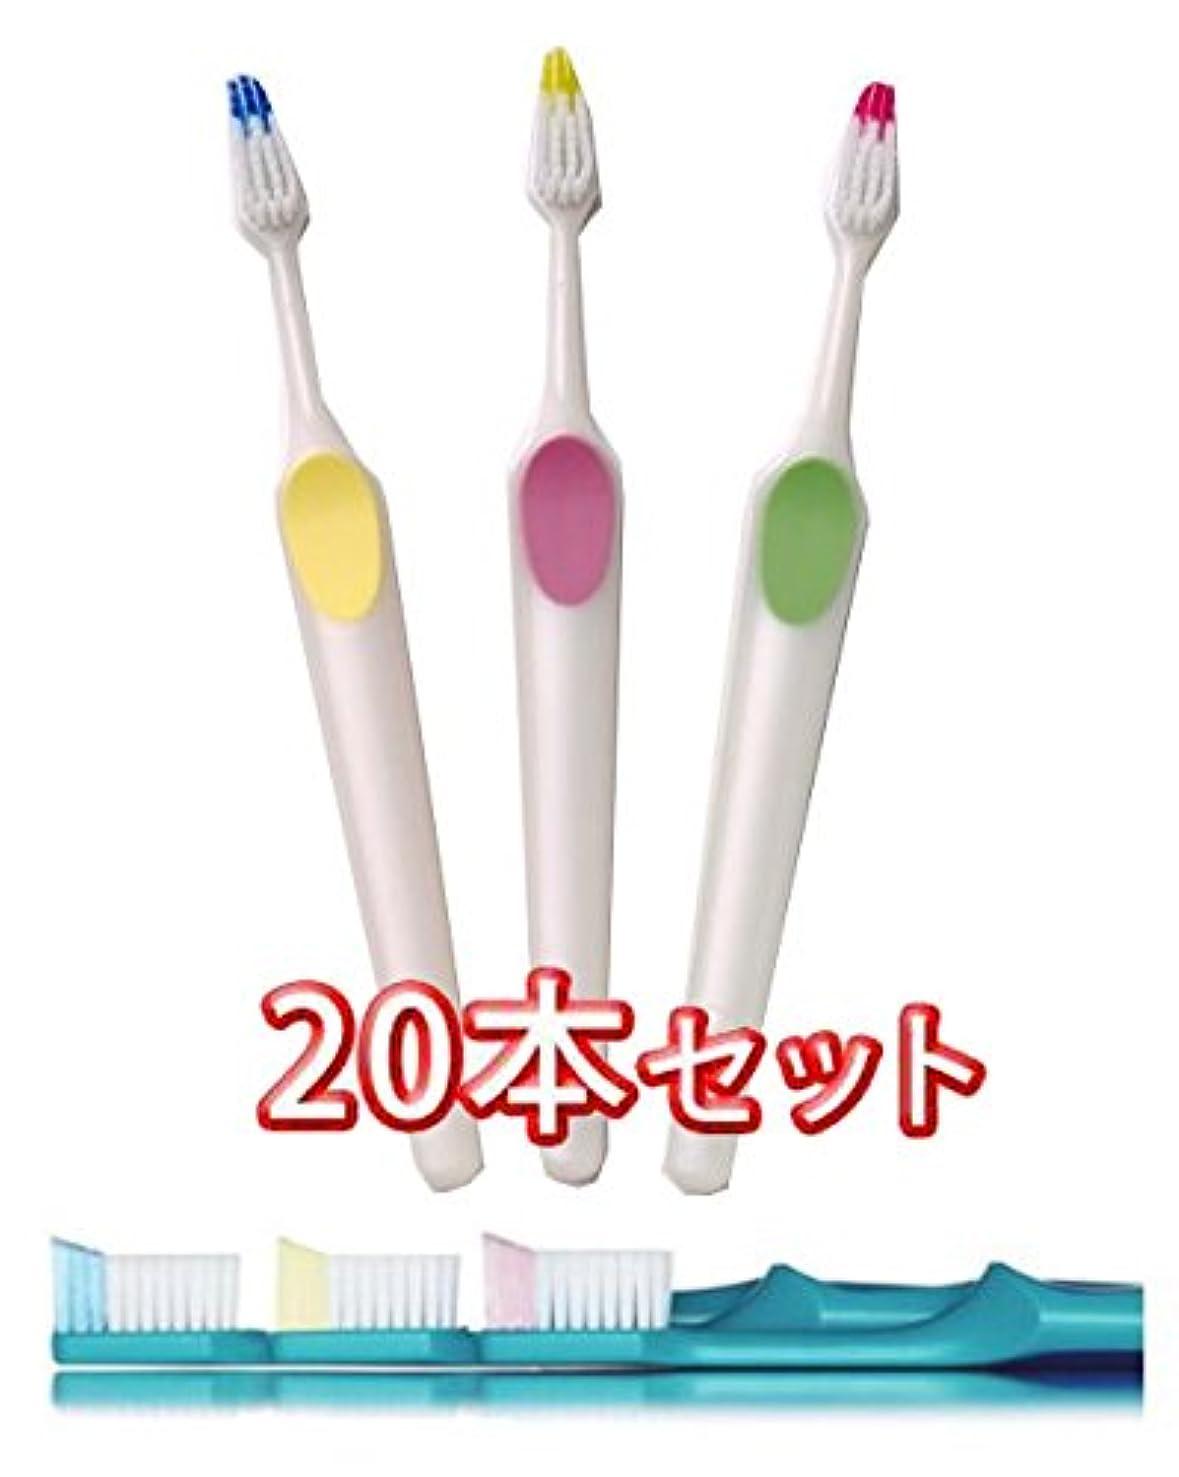 マイクロフォン絞るトイレクロスフィールド TePe テペ ノバ(Nova) 歯ブラシ 20本 (ソフト)